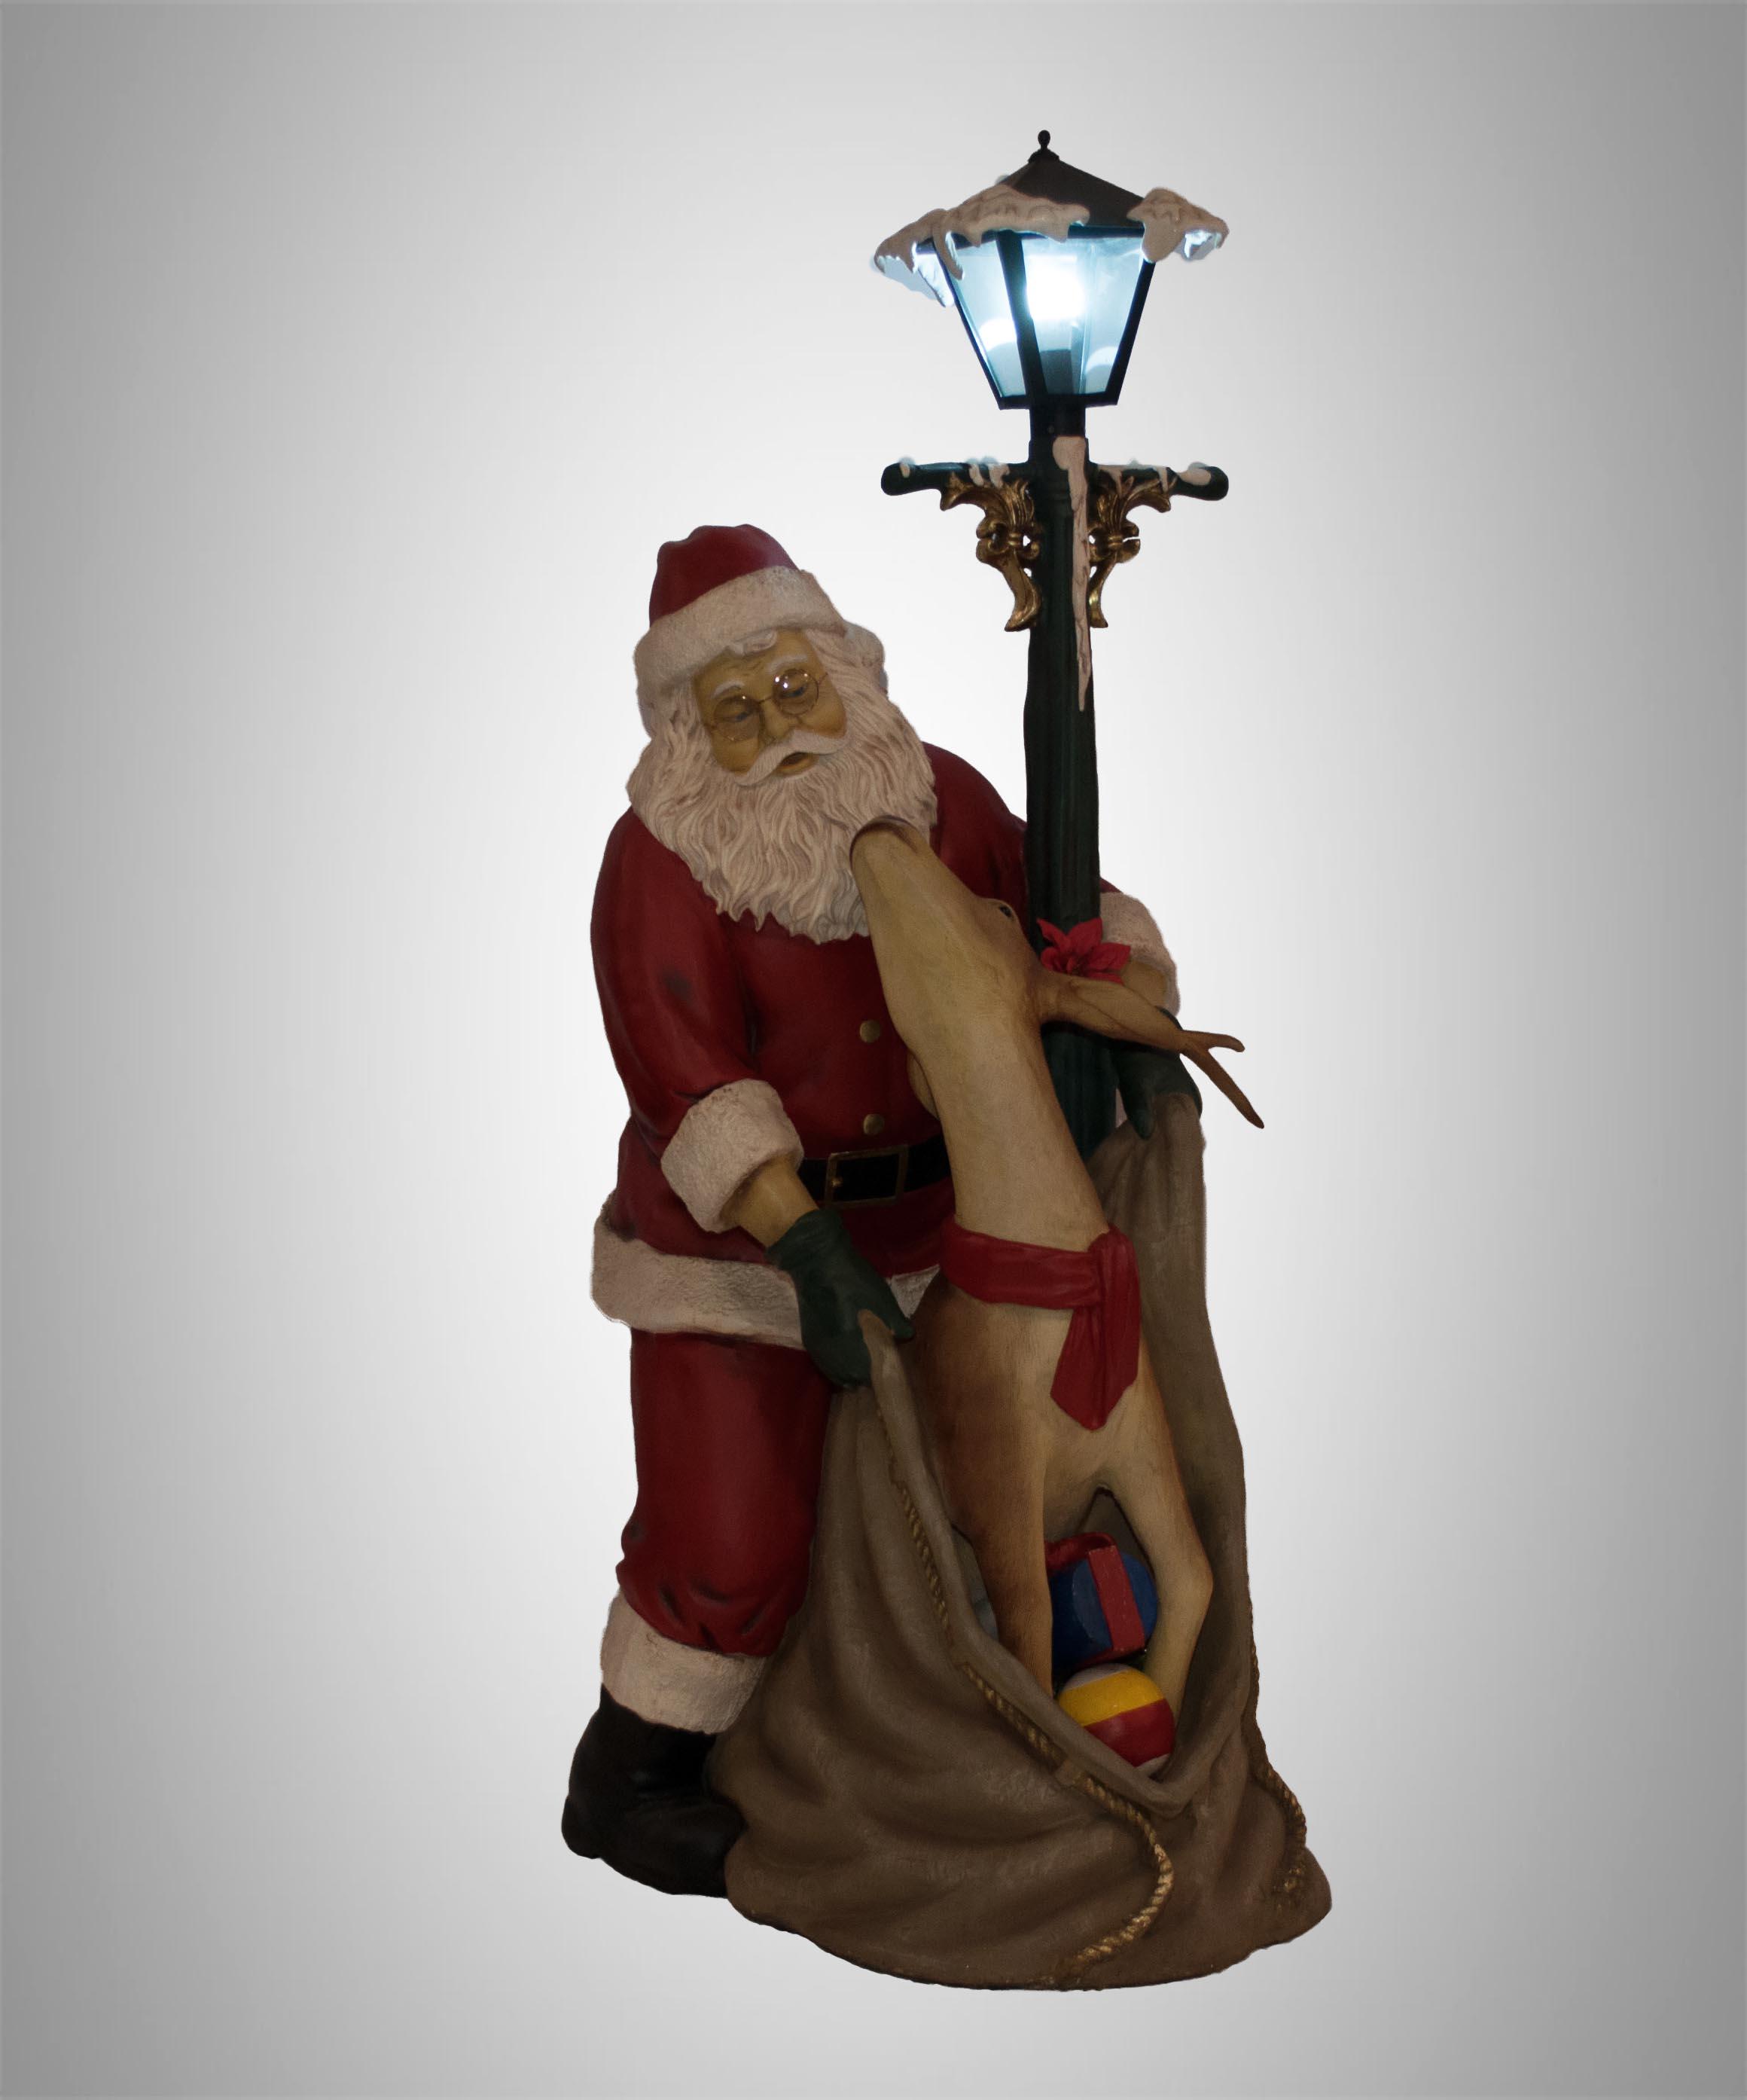 Come Creare Una Renna Luminosa decorazioni natalizie turate | l'emporio